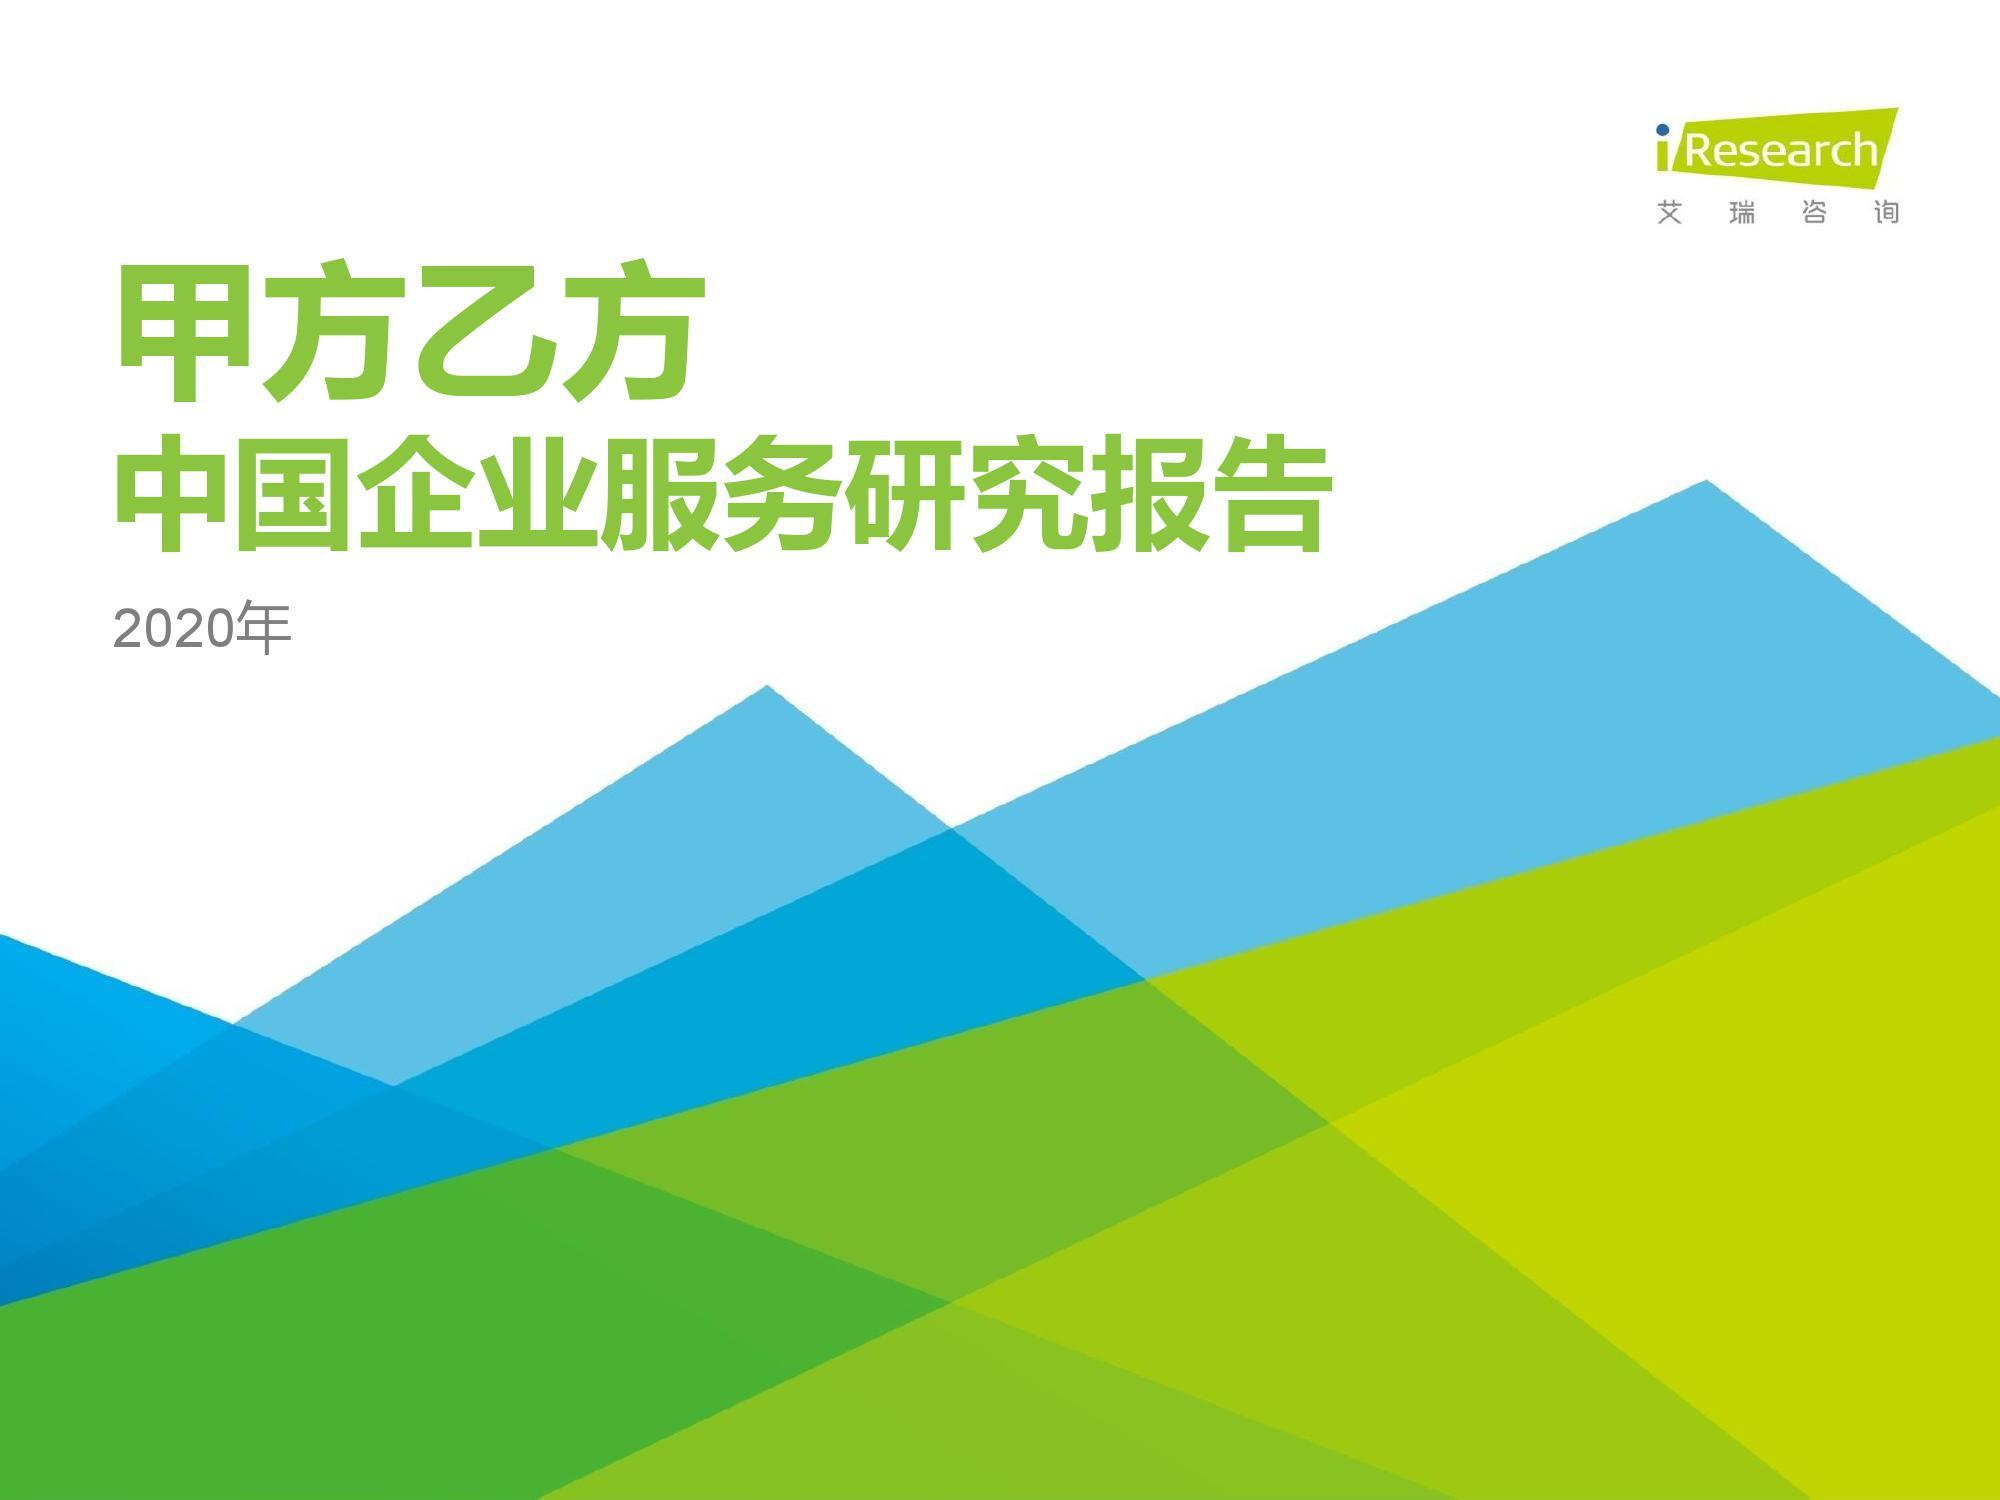 艾瑞咨询:2020年中国企业服务研究报告(附下载)